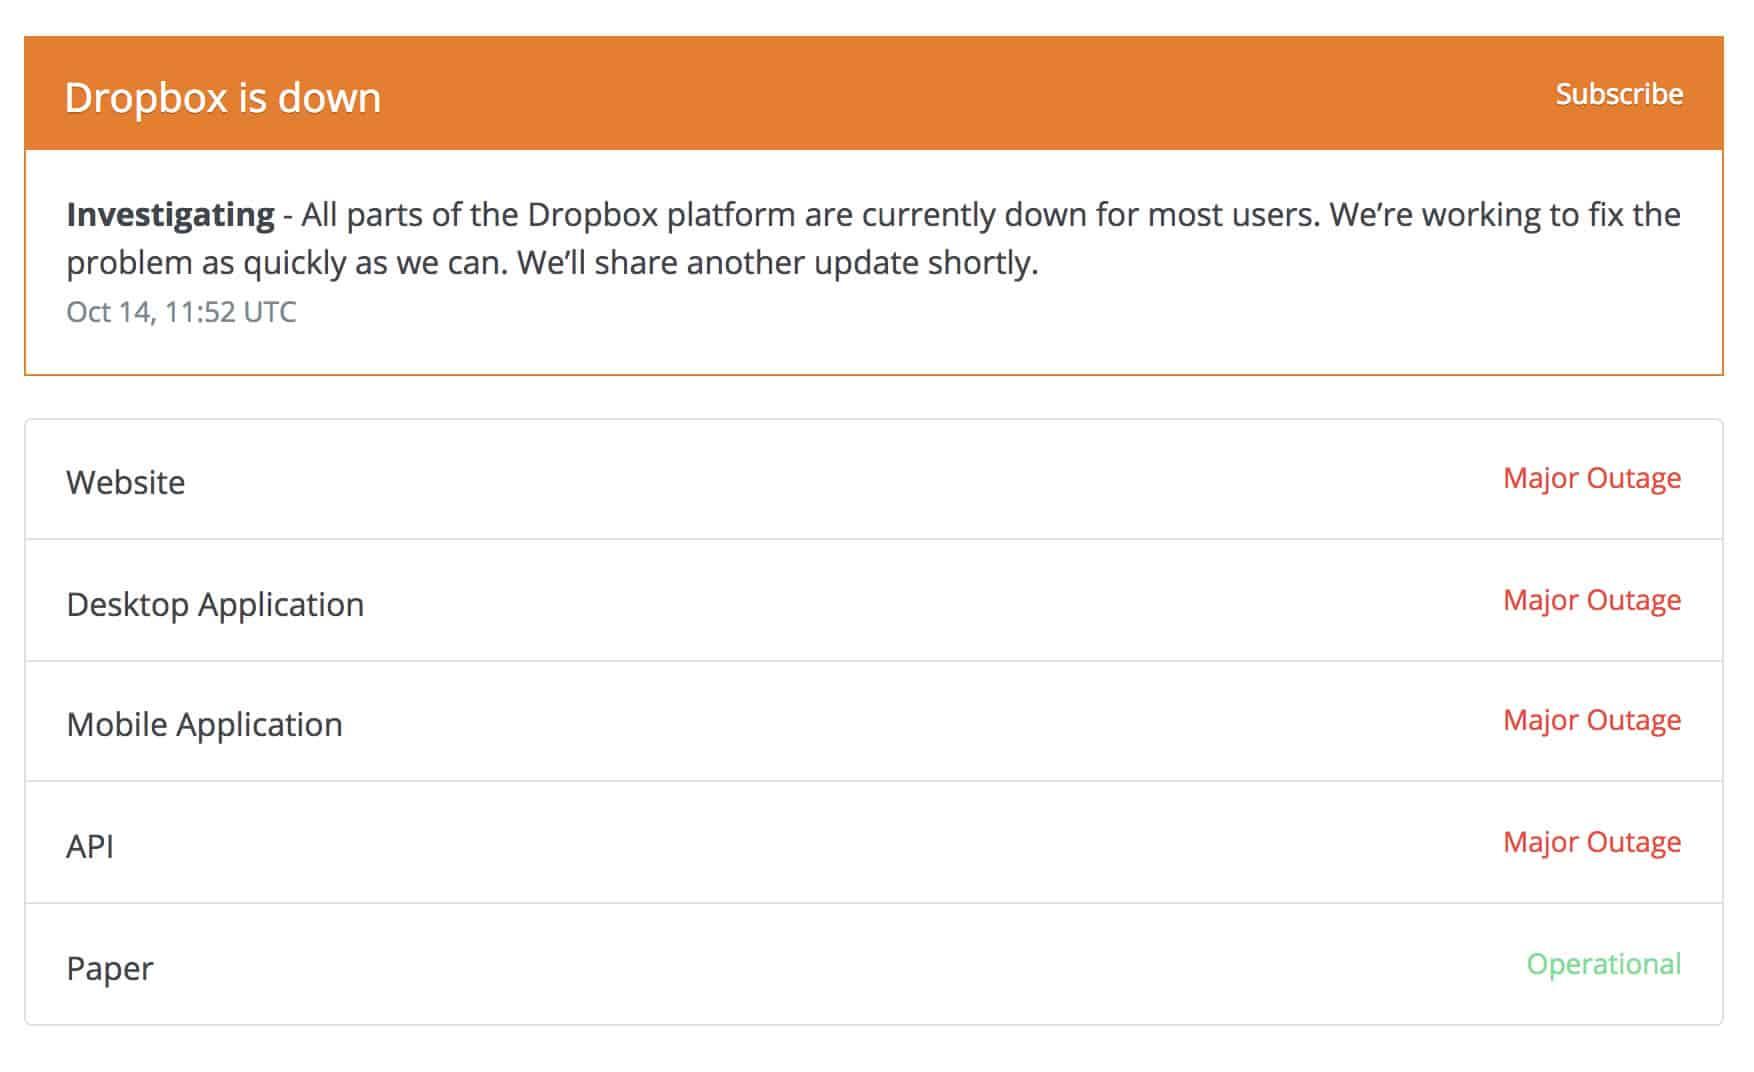 Se cayó Dropbox a nivel mundial y prácticamente ningún servicio funciona